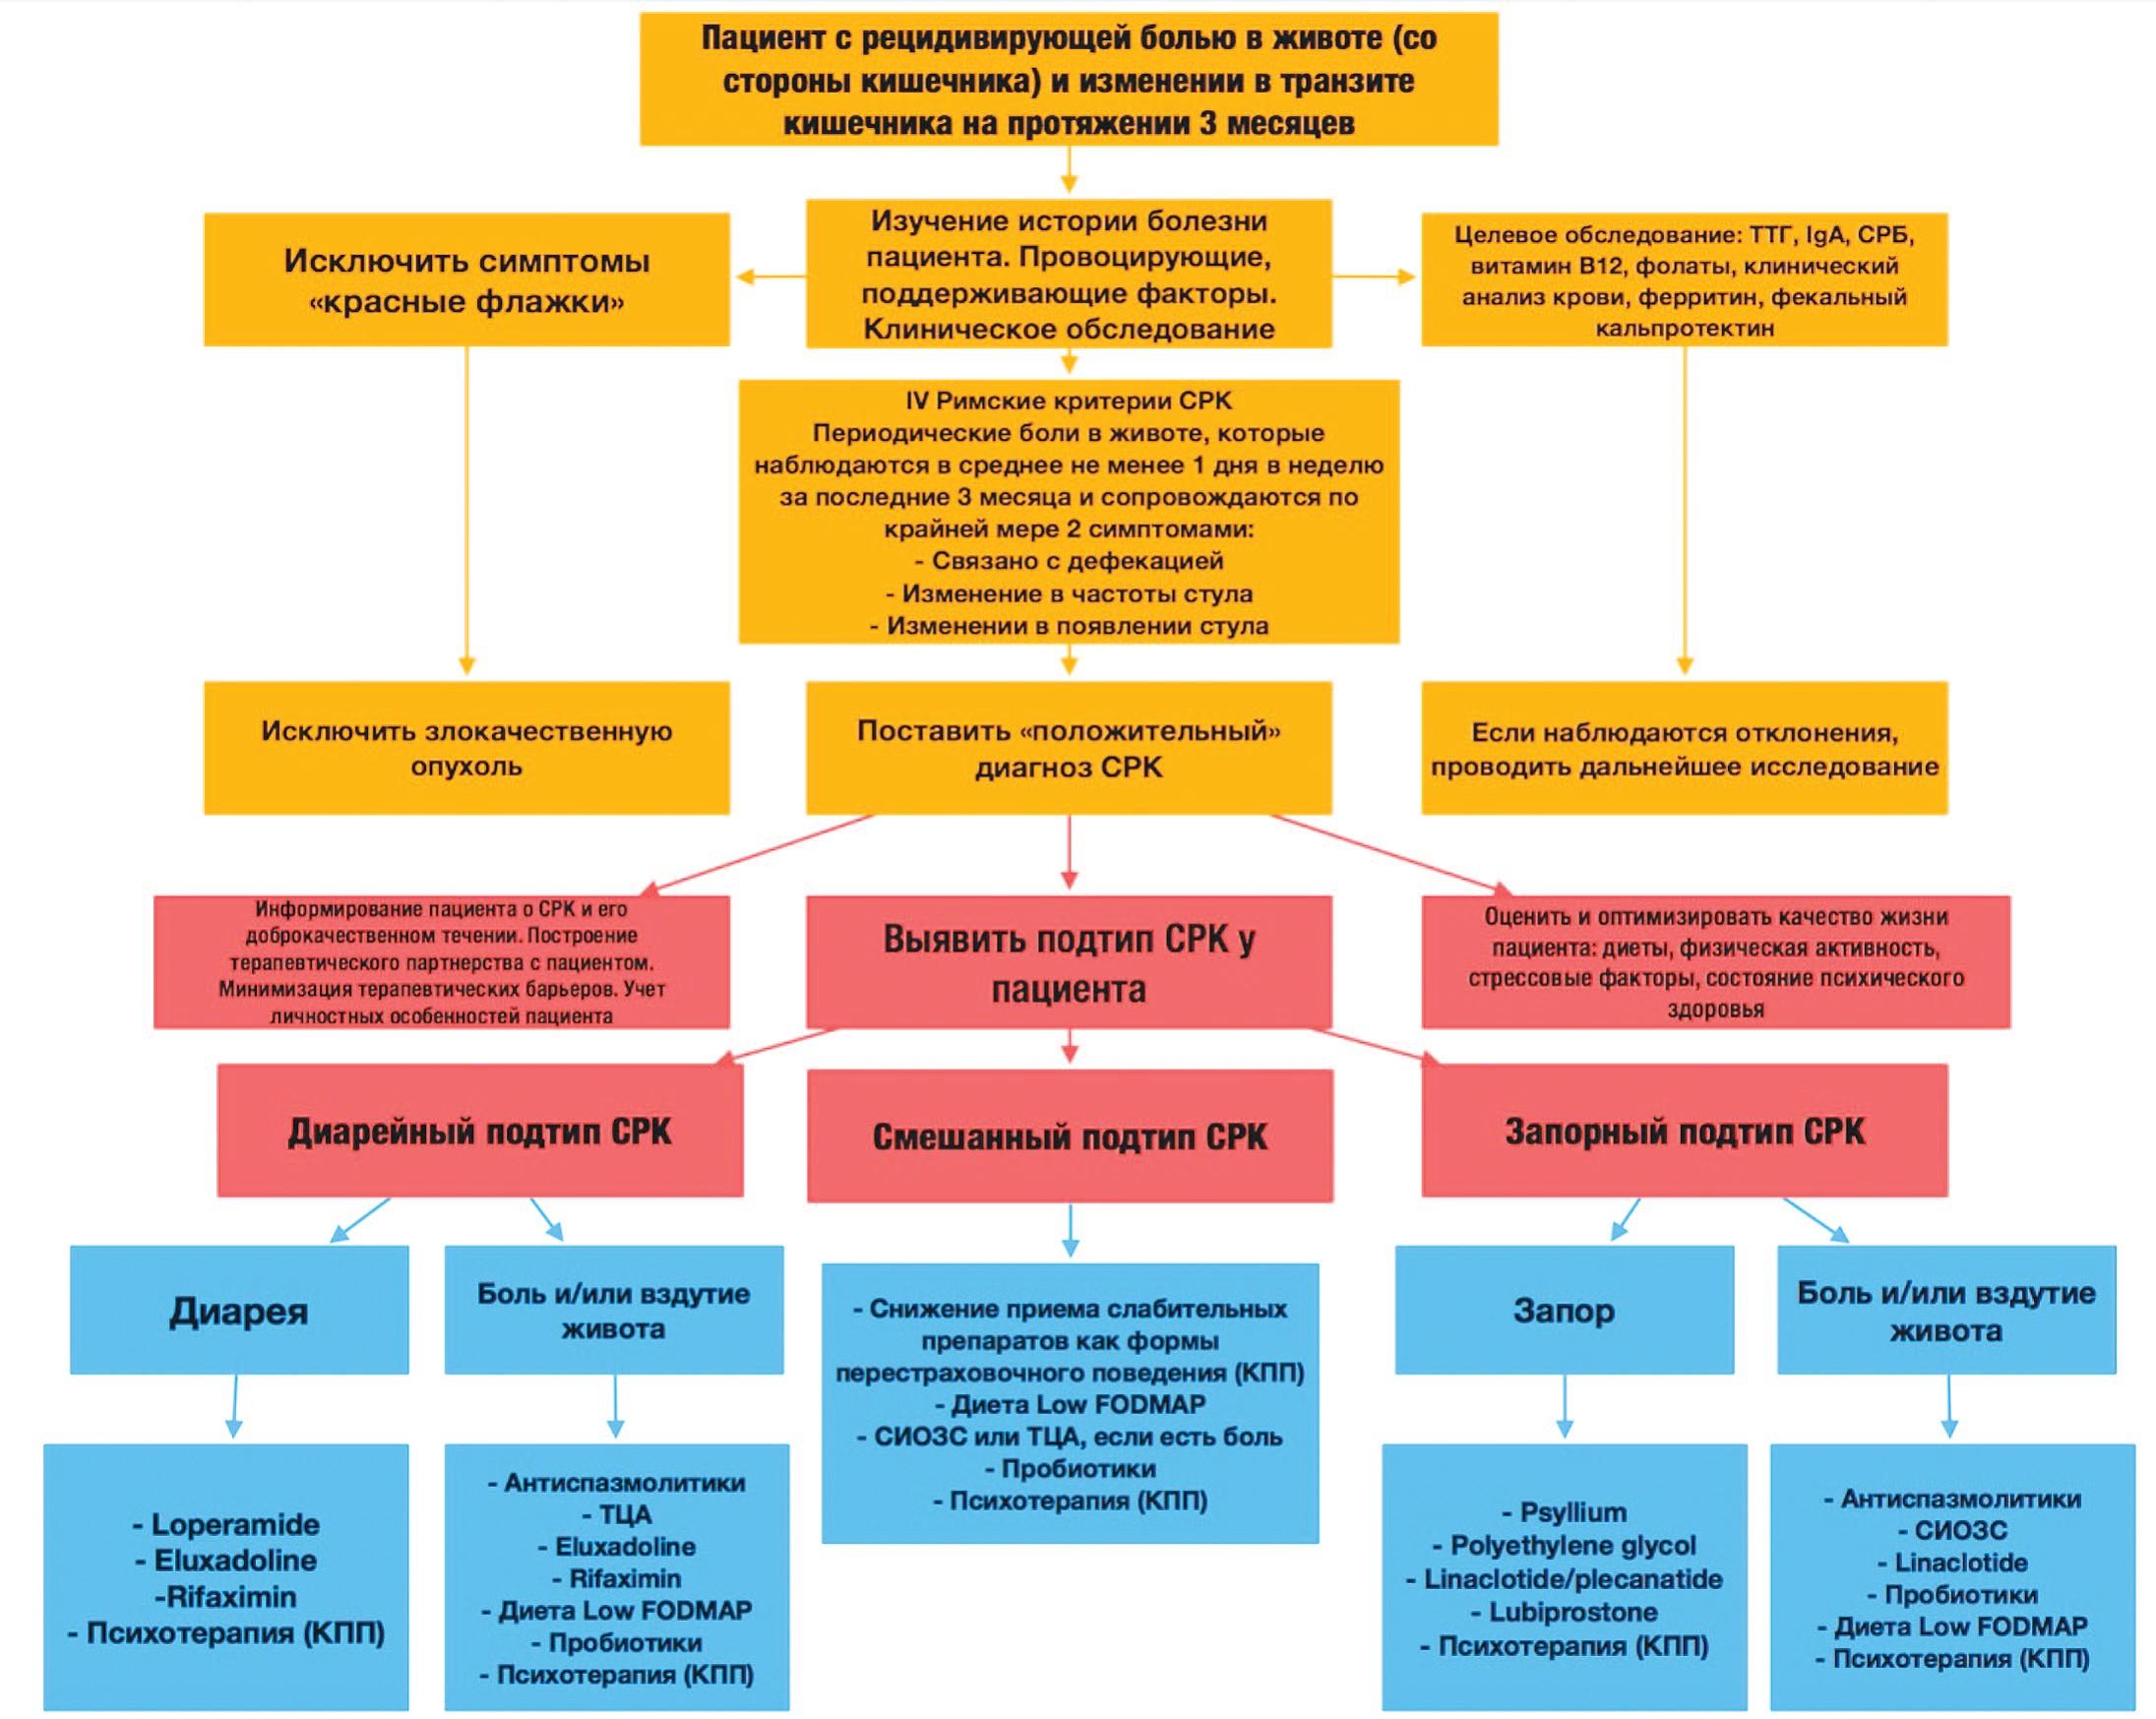 Алгоритм лечения синдрома раздраженного (перевод А.И. Мелёхин)